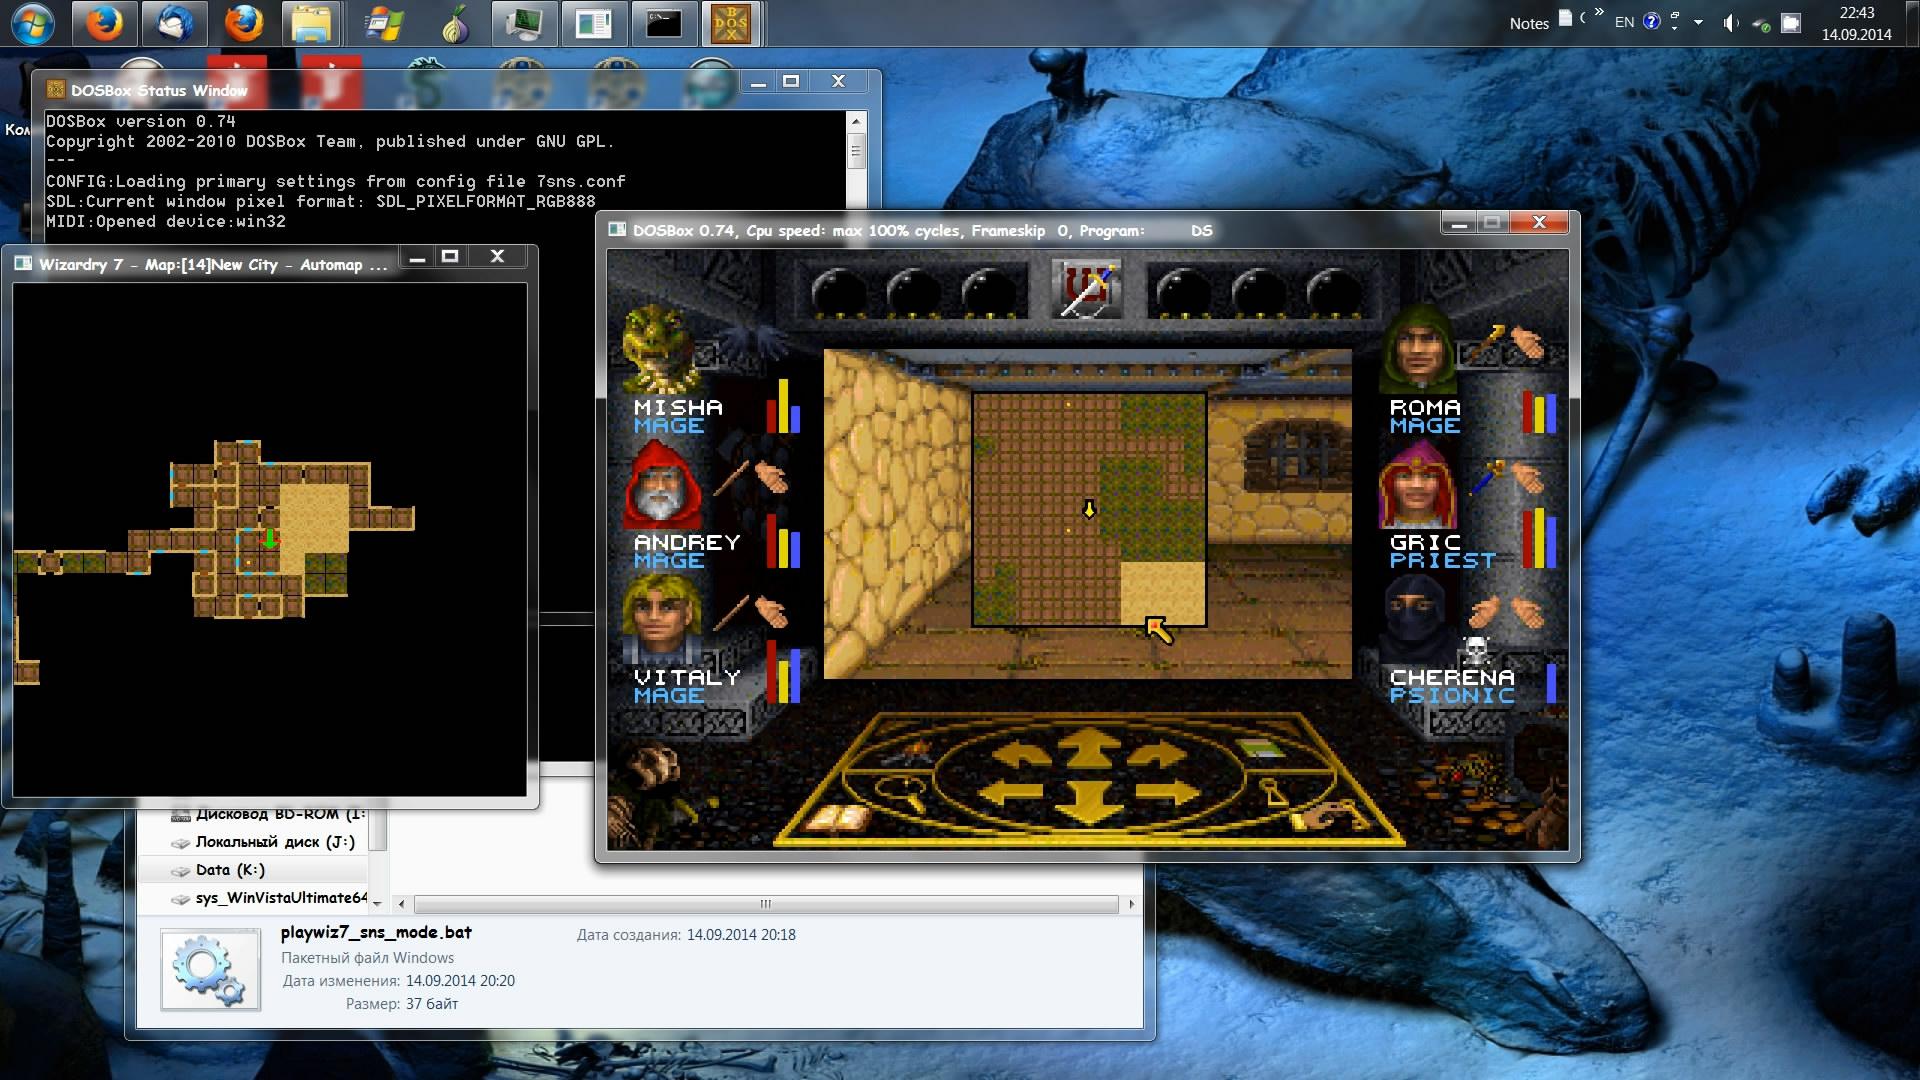 Wizardry 7 Automap Mod 0 2a file - Mod DB